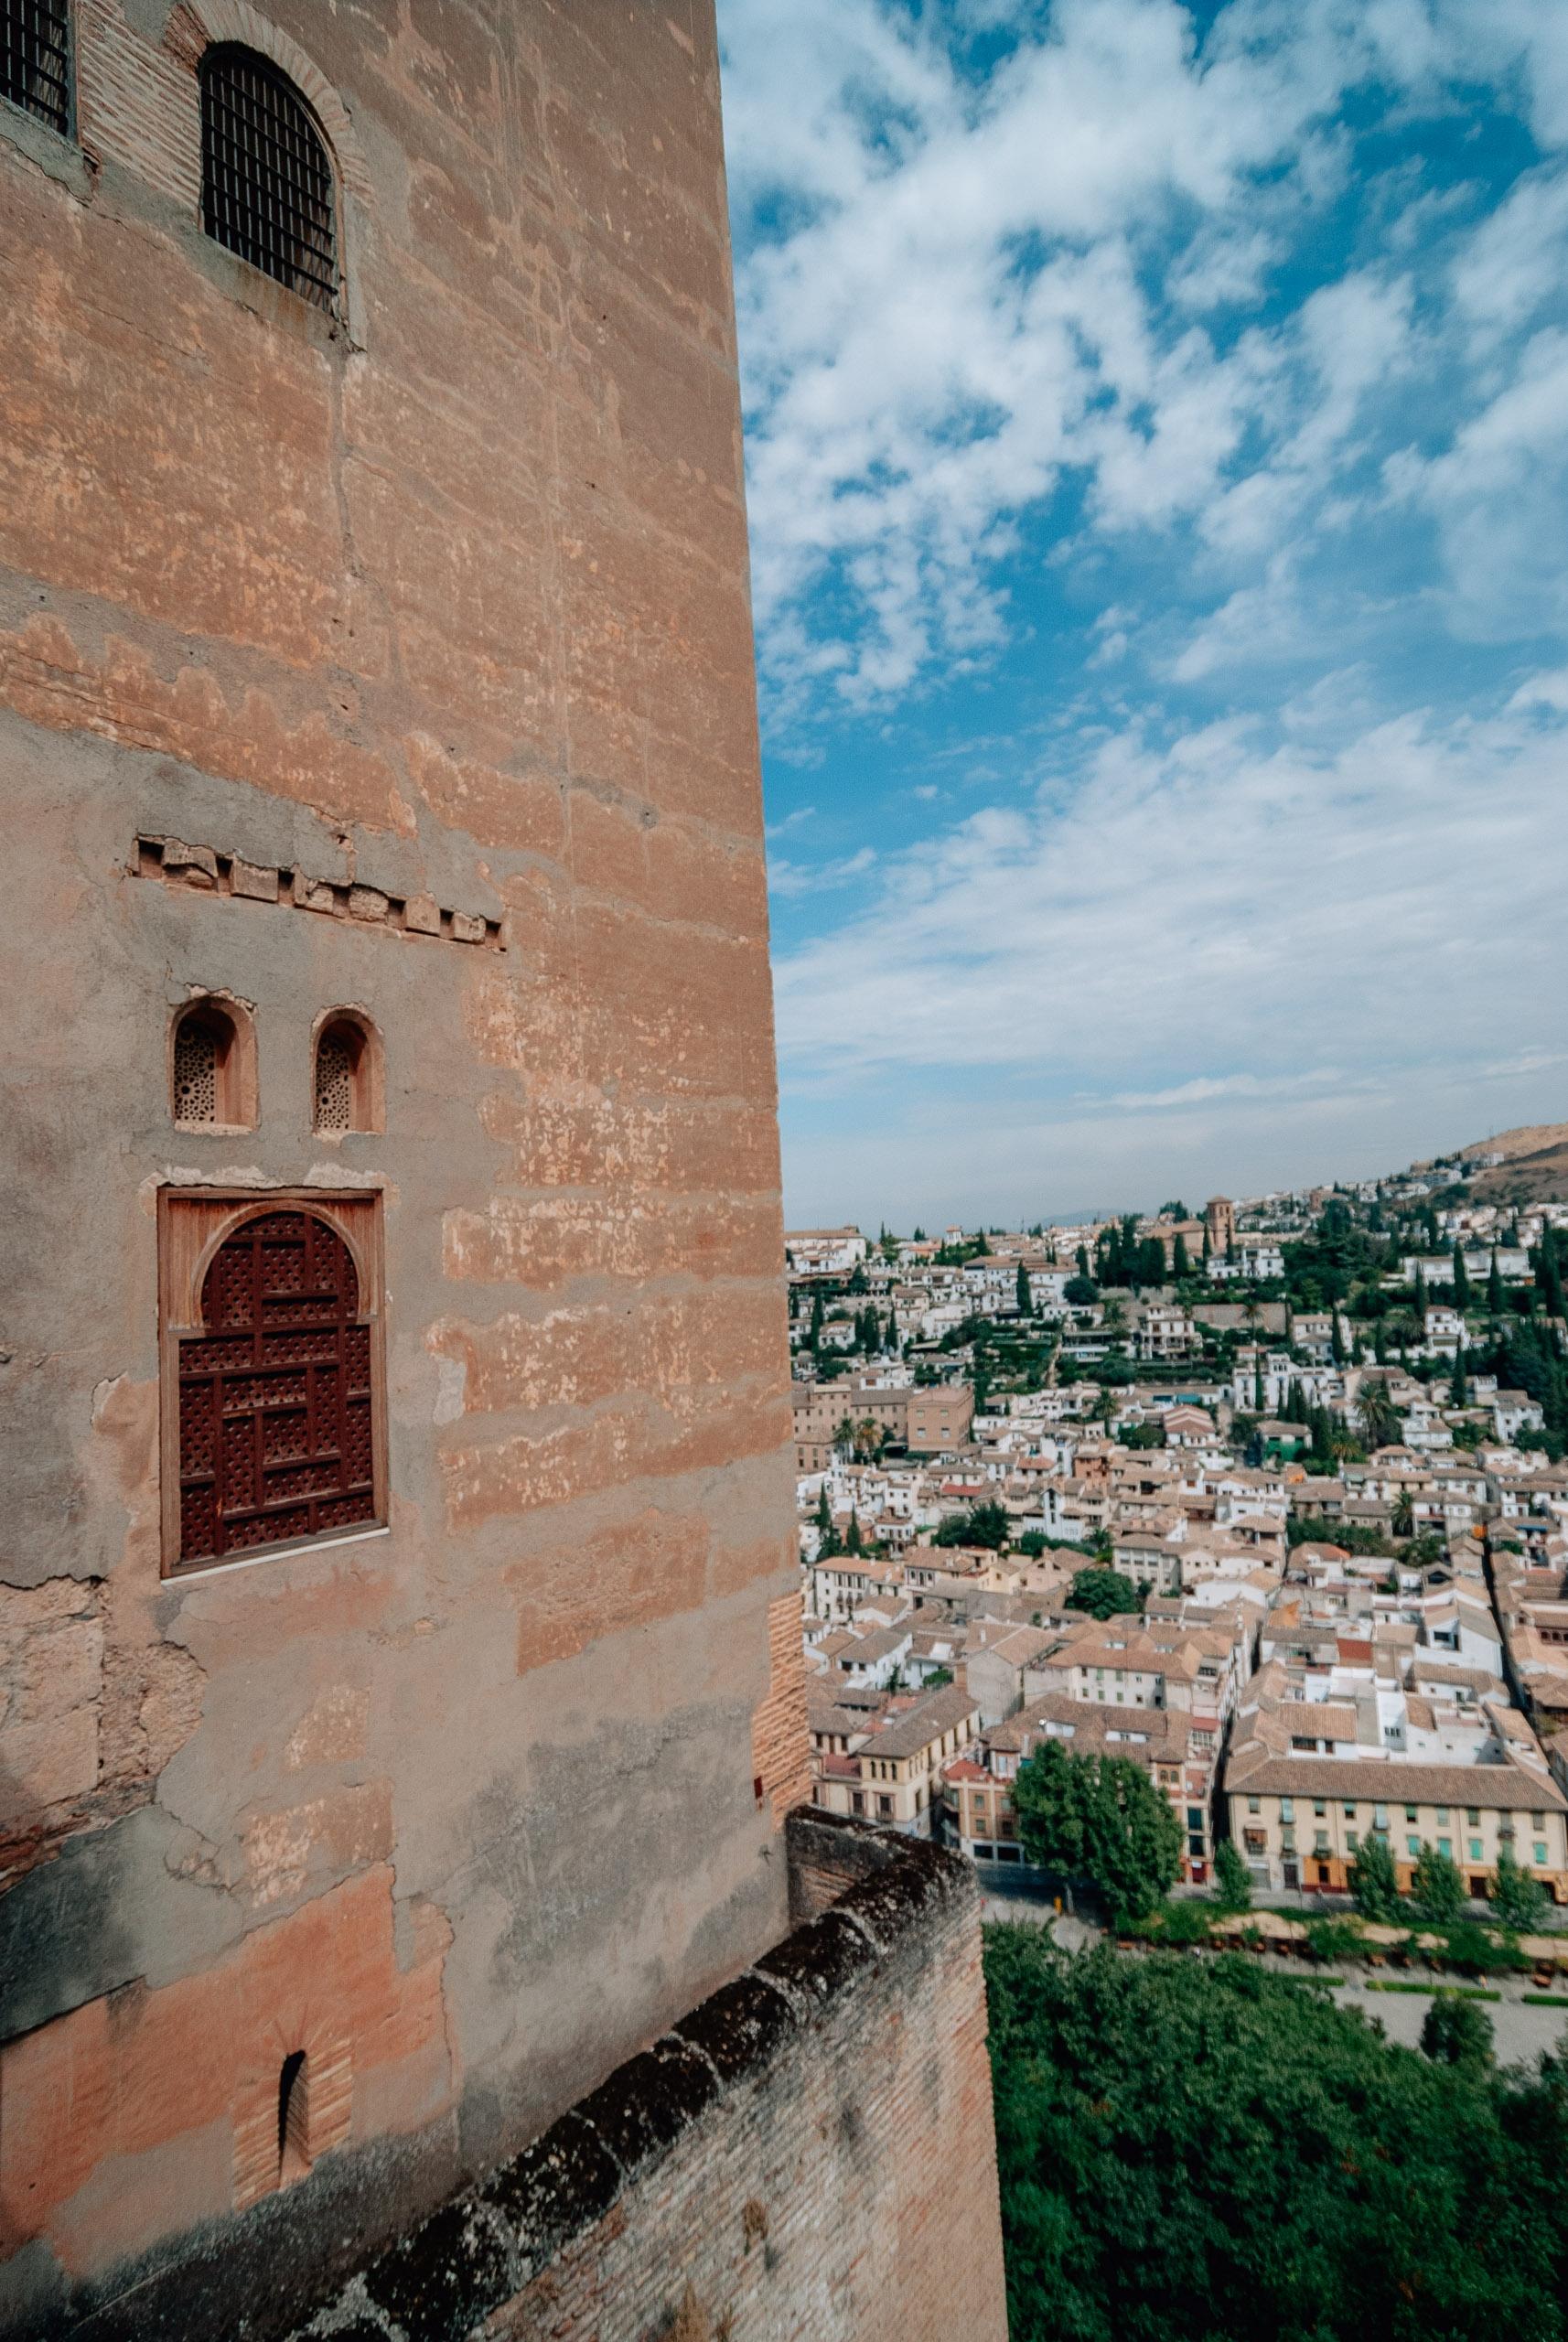 Spain - The Alhambra - 2008-0830-DSC_0223_41996